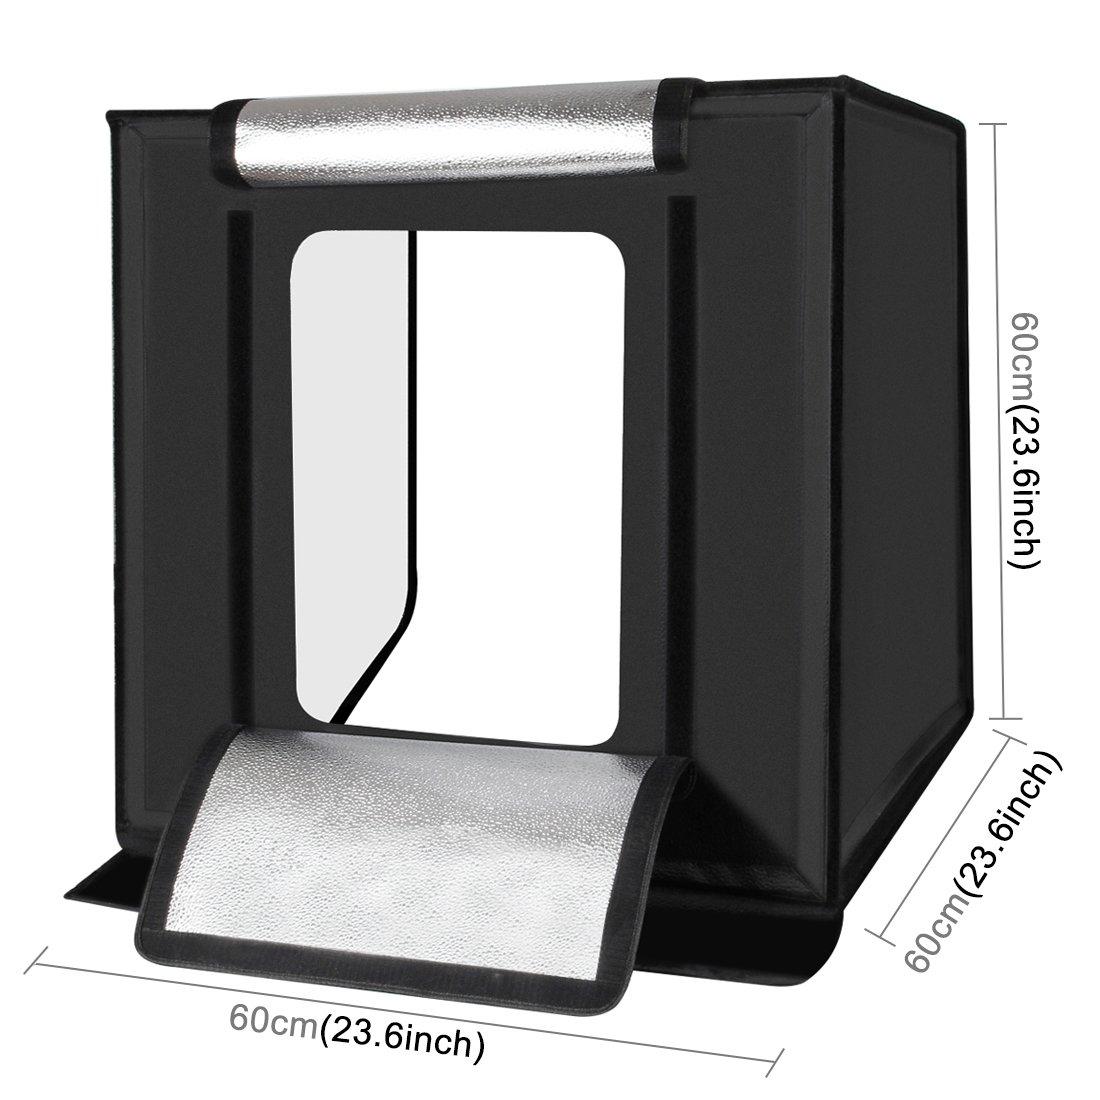 PULUZ Studio Photo Bo/îte de Lumi/ère Pliable 80 x 80 x 80 cm LED 5500K Mini Photo Tente de Studio Portable avec 3 Fonds Blanc Noir Orange 60W Lumen 8500LM Prise EU